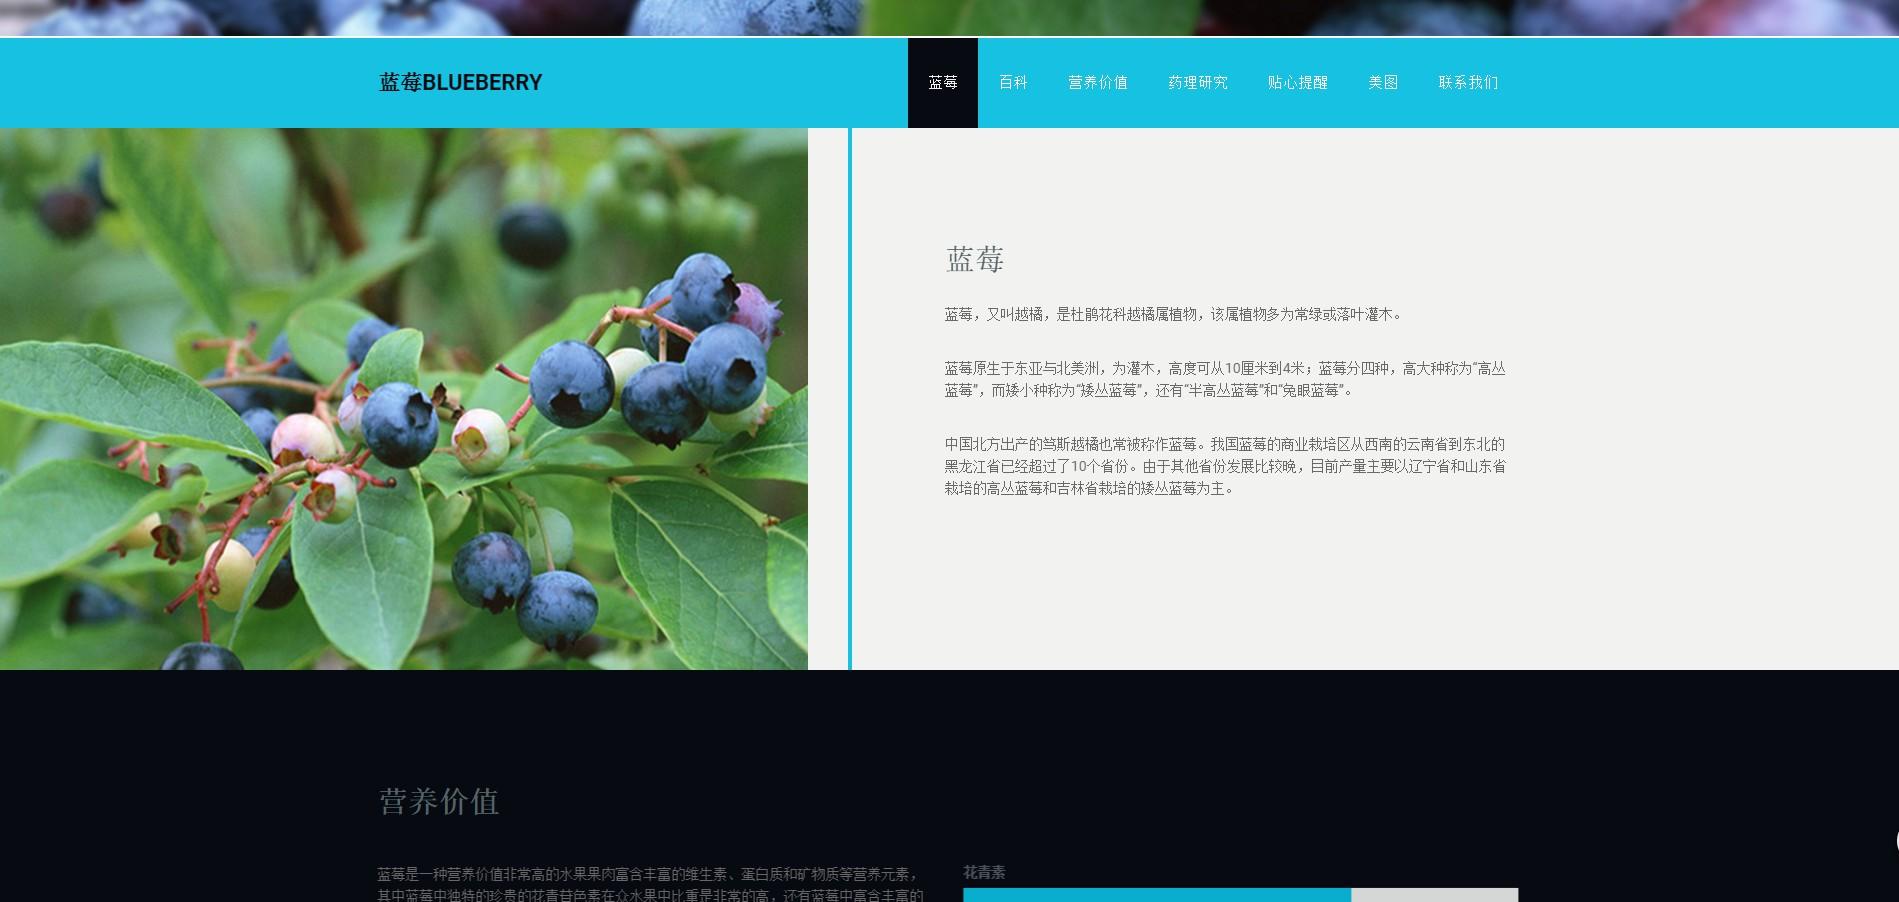 蓝莓,水果之王